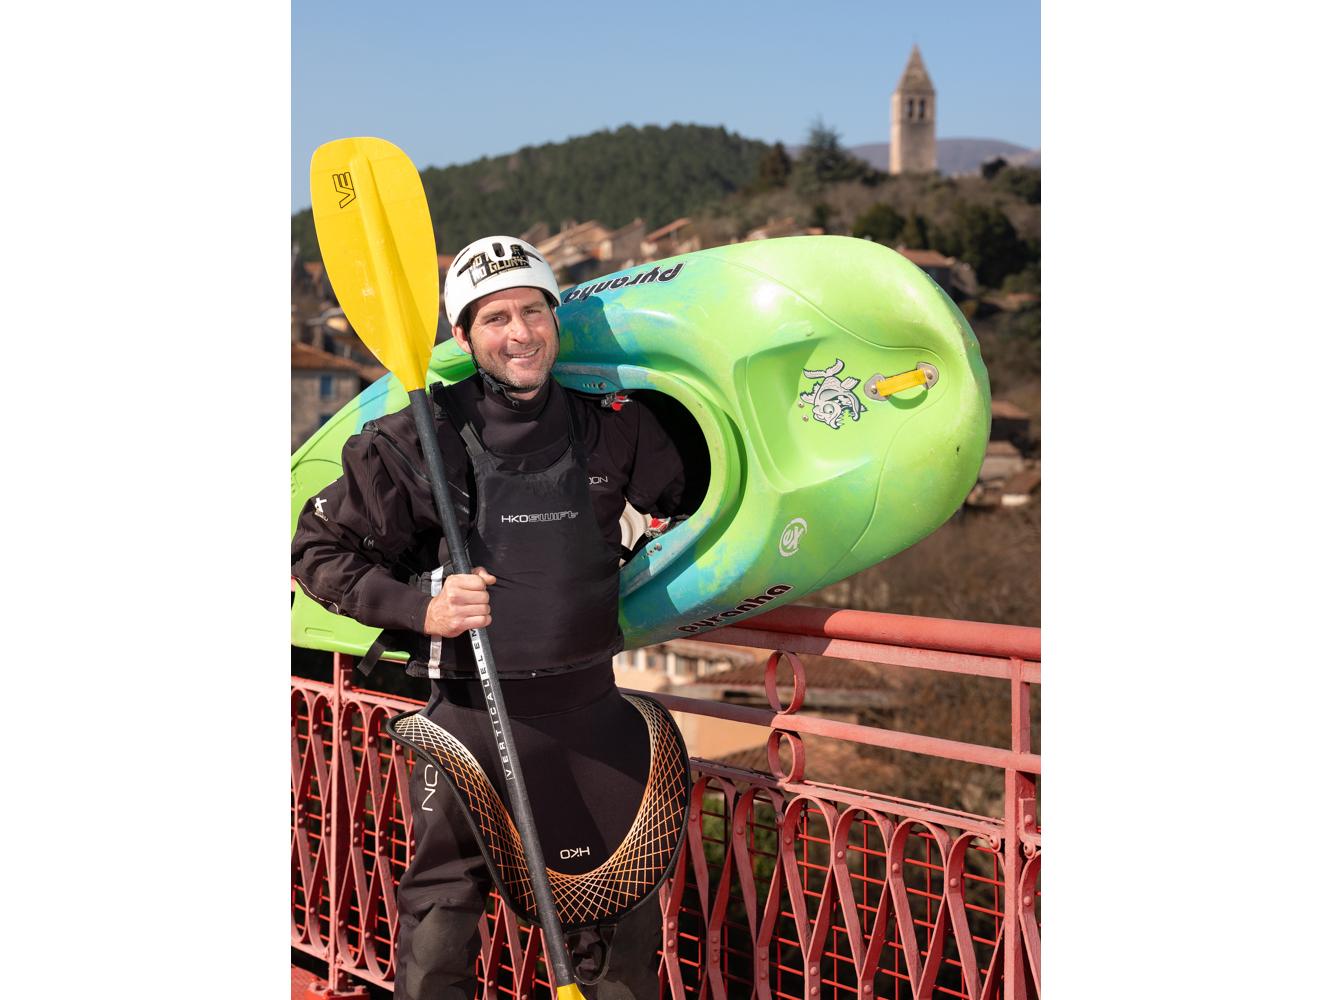 Sylvain, Moniteur de canoé-Kayak, Tarassac usagers voie verte Parc naturel Haut-Languedoc région Occitanie